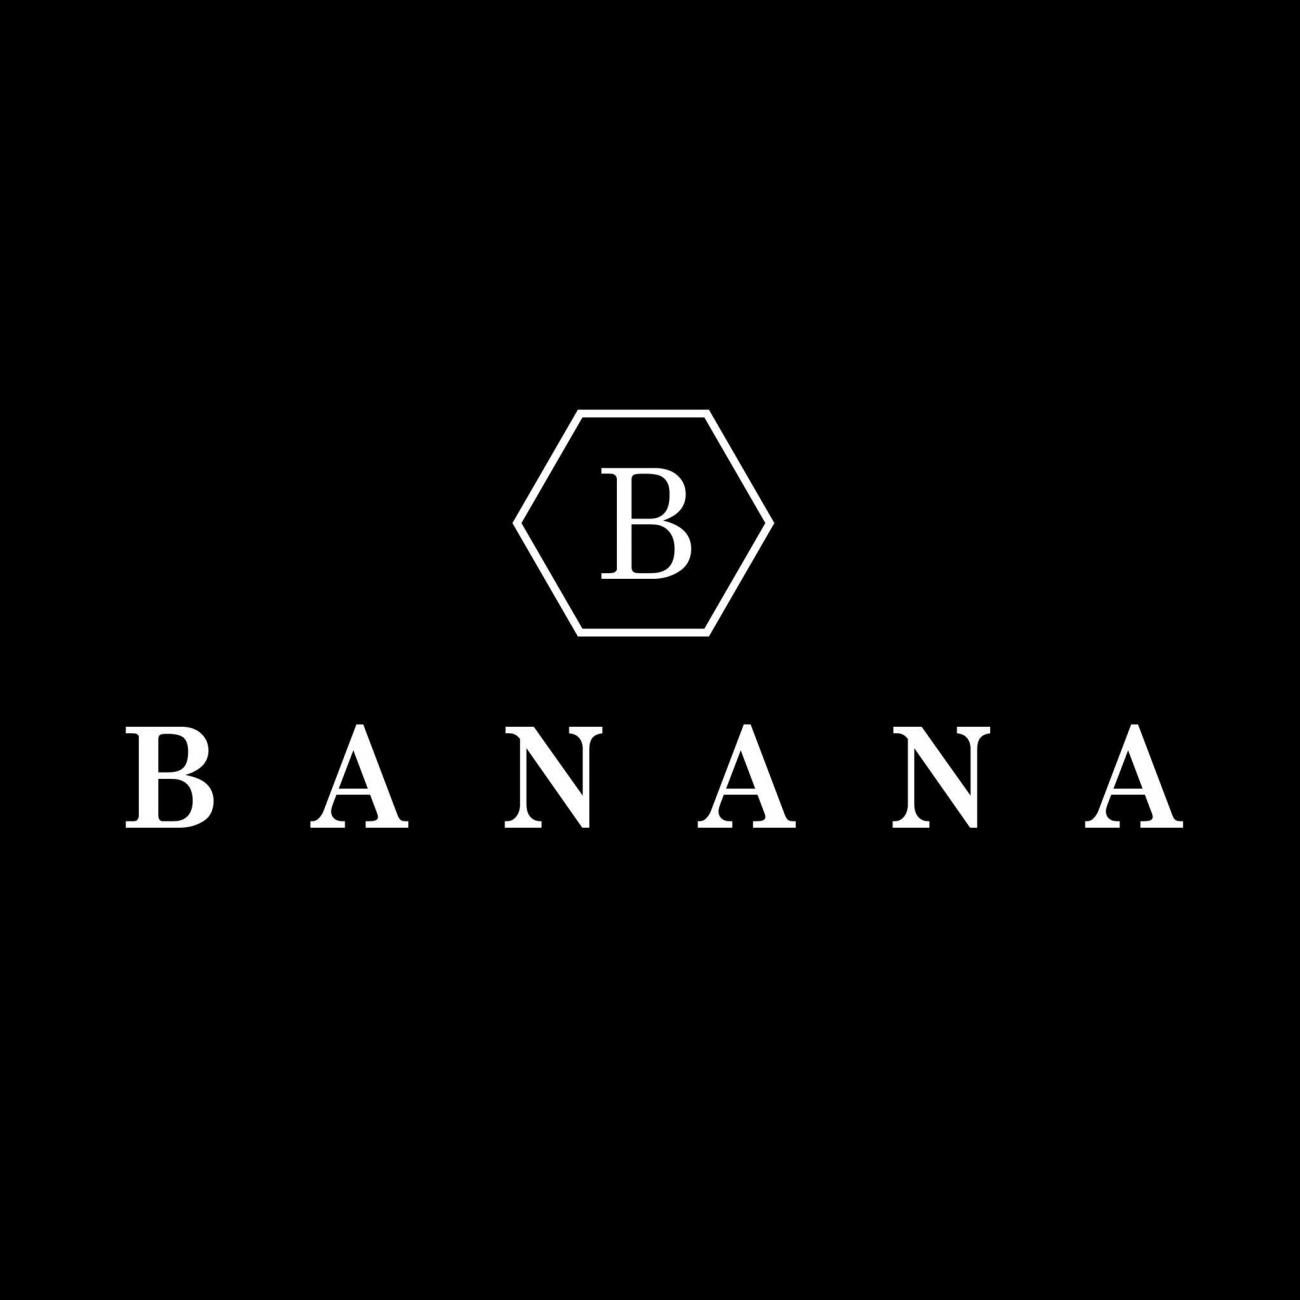 Cửa hàng thời trang nam BananaStore Bình Dương